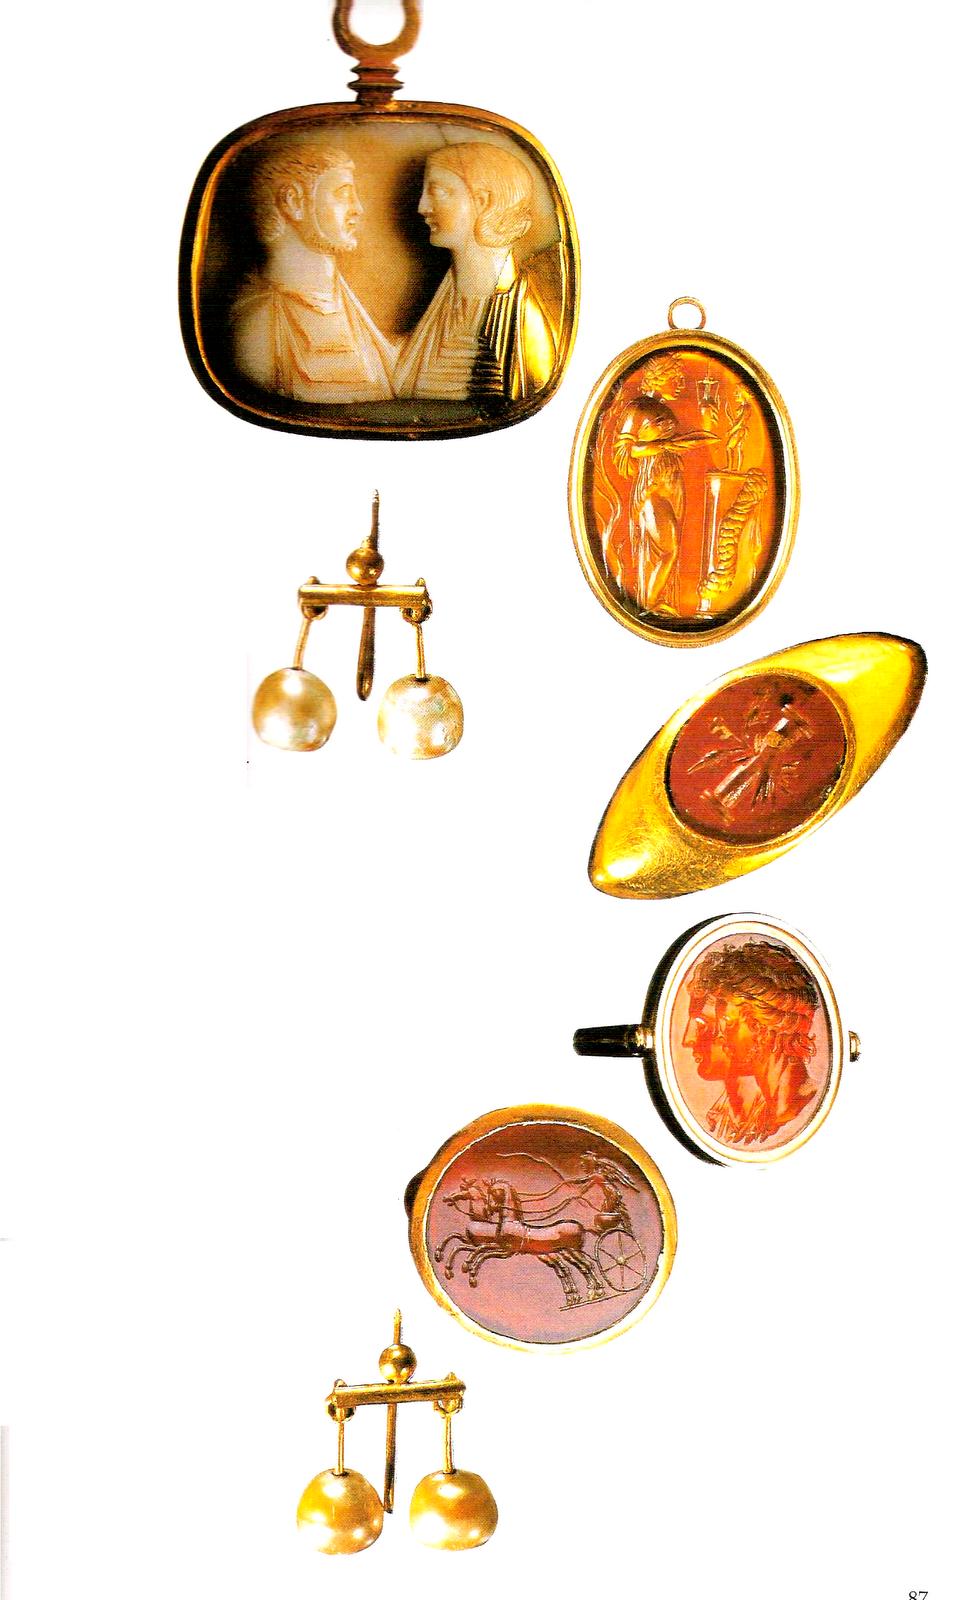 Artículos de belleza que datan del siglo I d.C. Antigua